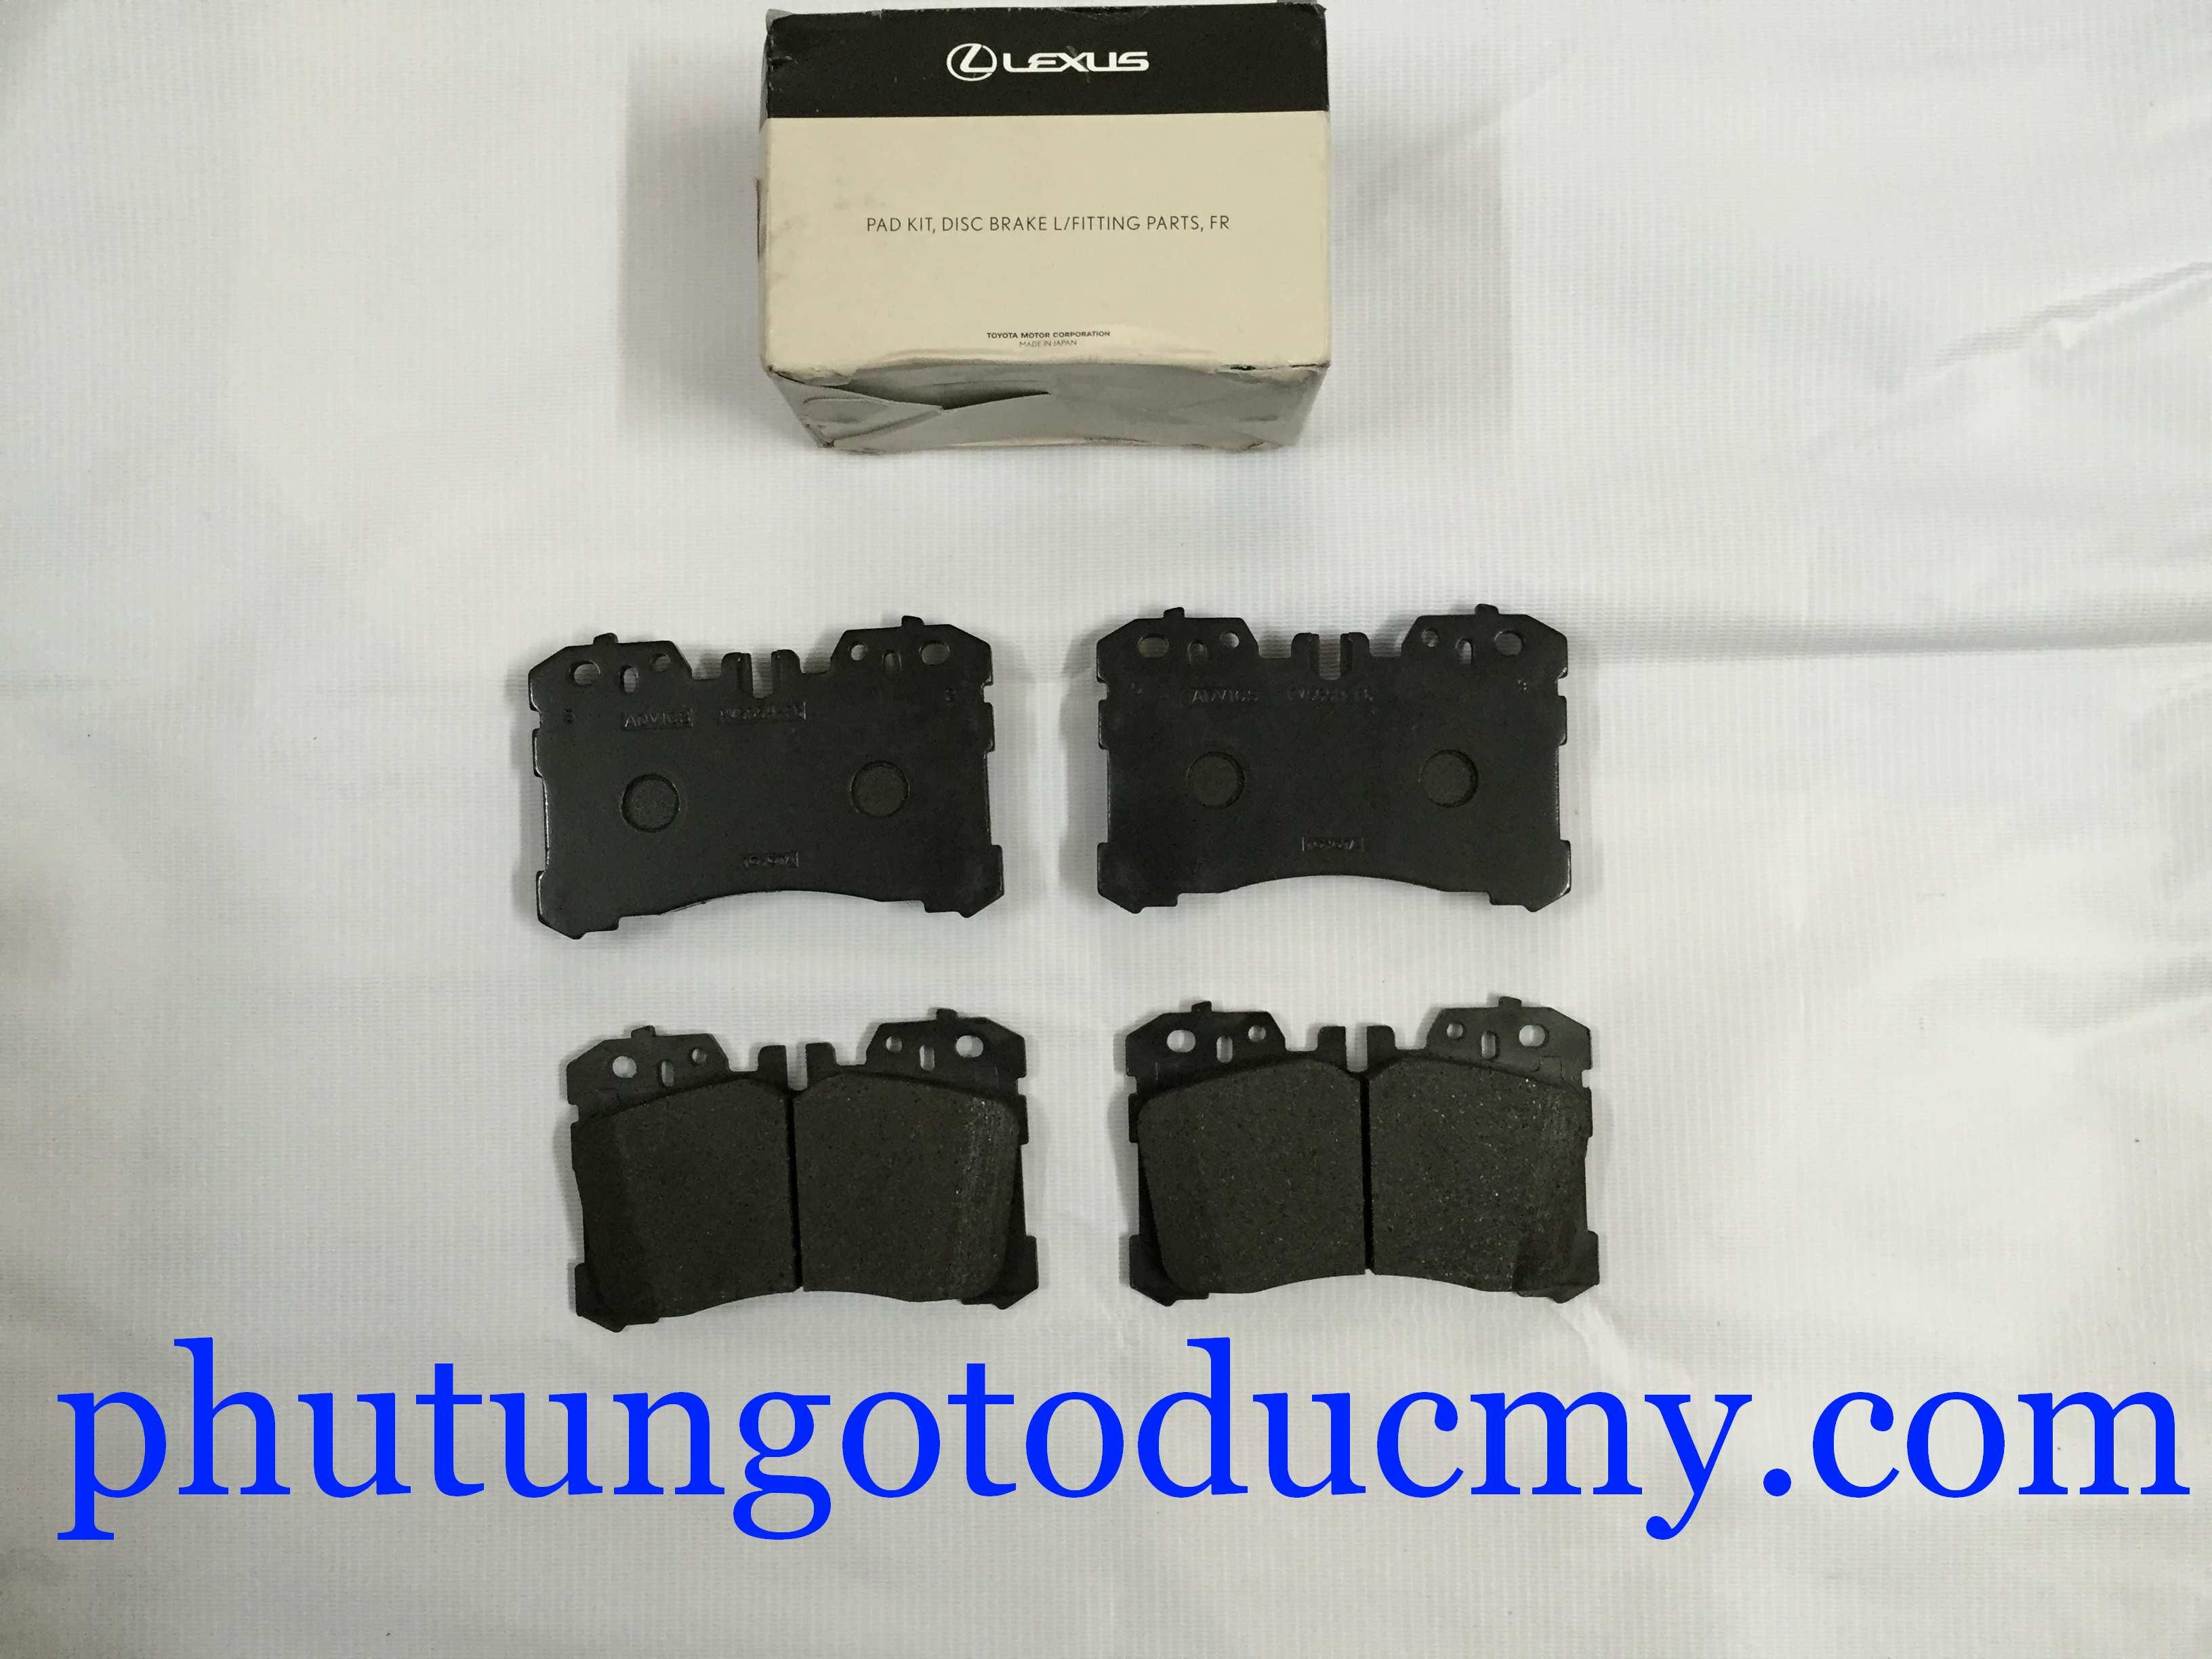 Má phanh trước Lexus LS460, LS600H, 04465-50260, 04465-0W110